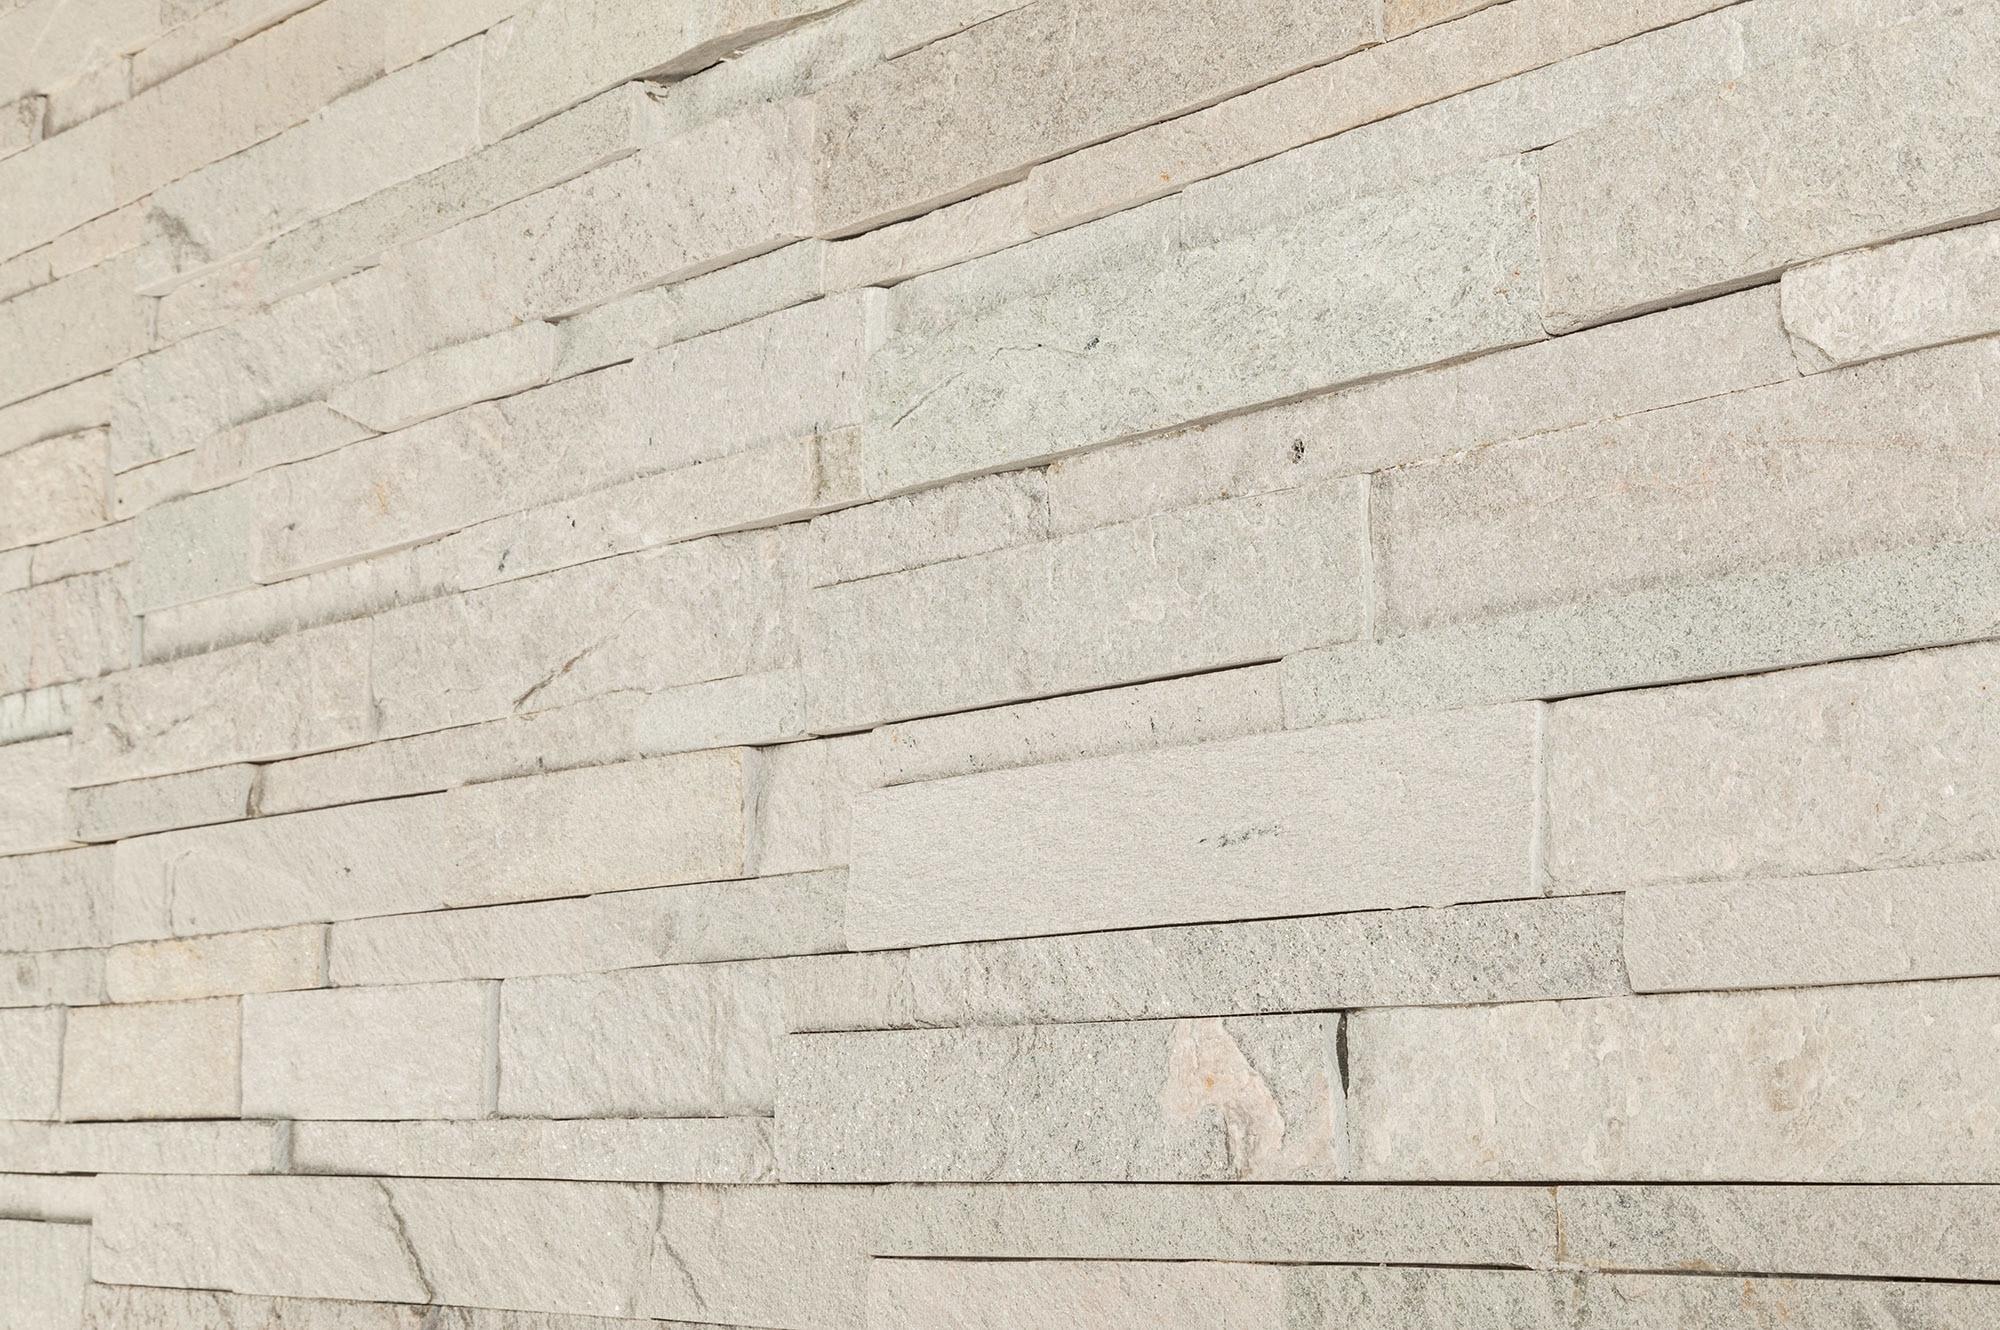 Roterra Stone Siding Quartzite Collection Pure White